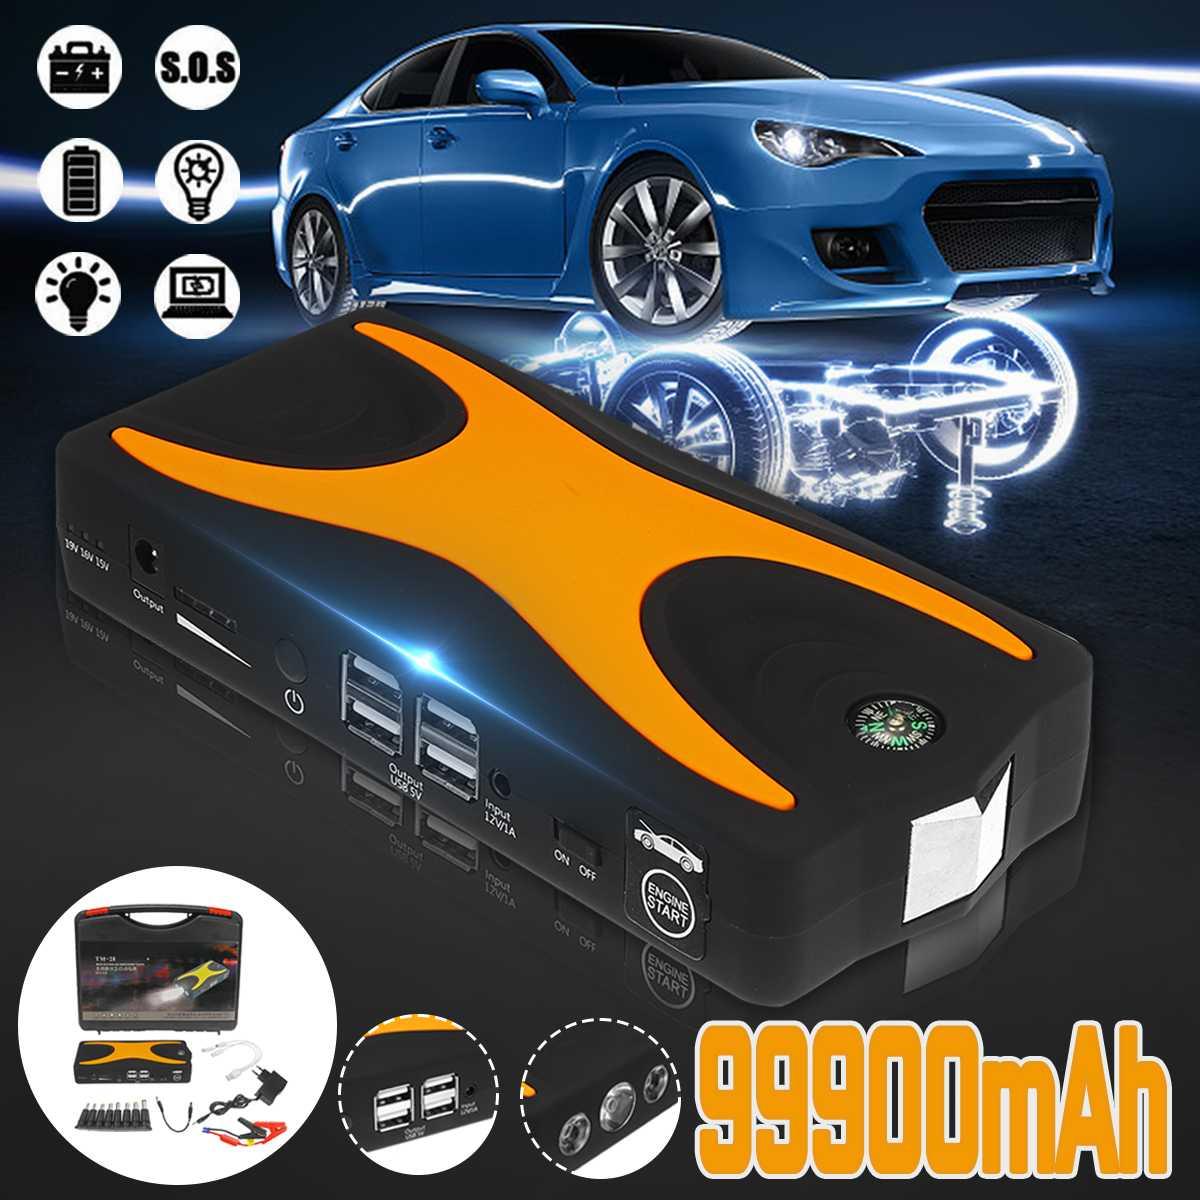 99900 mAh Auto voiture saut démarreur 15 V 4USB 900A Portable voiture batterie Booster chargeur Booster batterie externe dispositif de démarrage